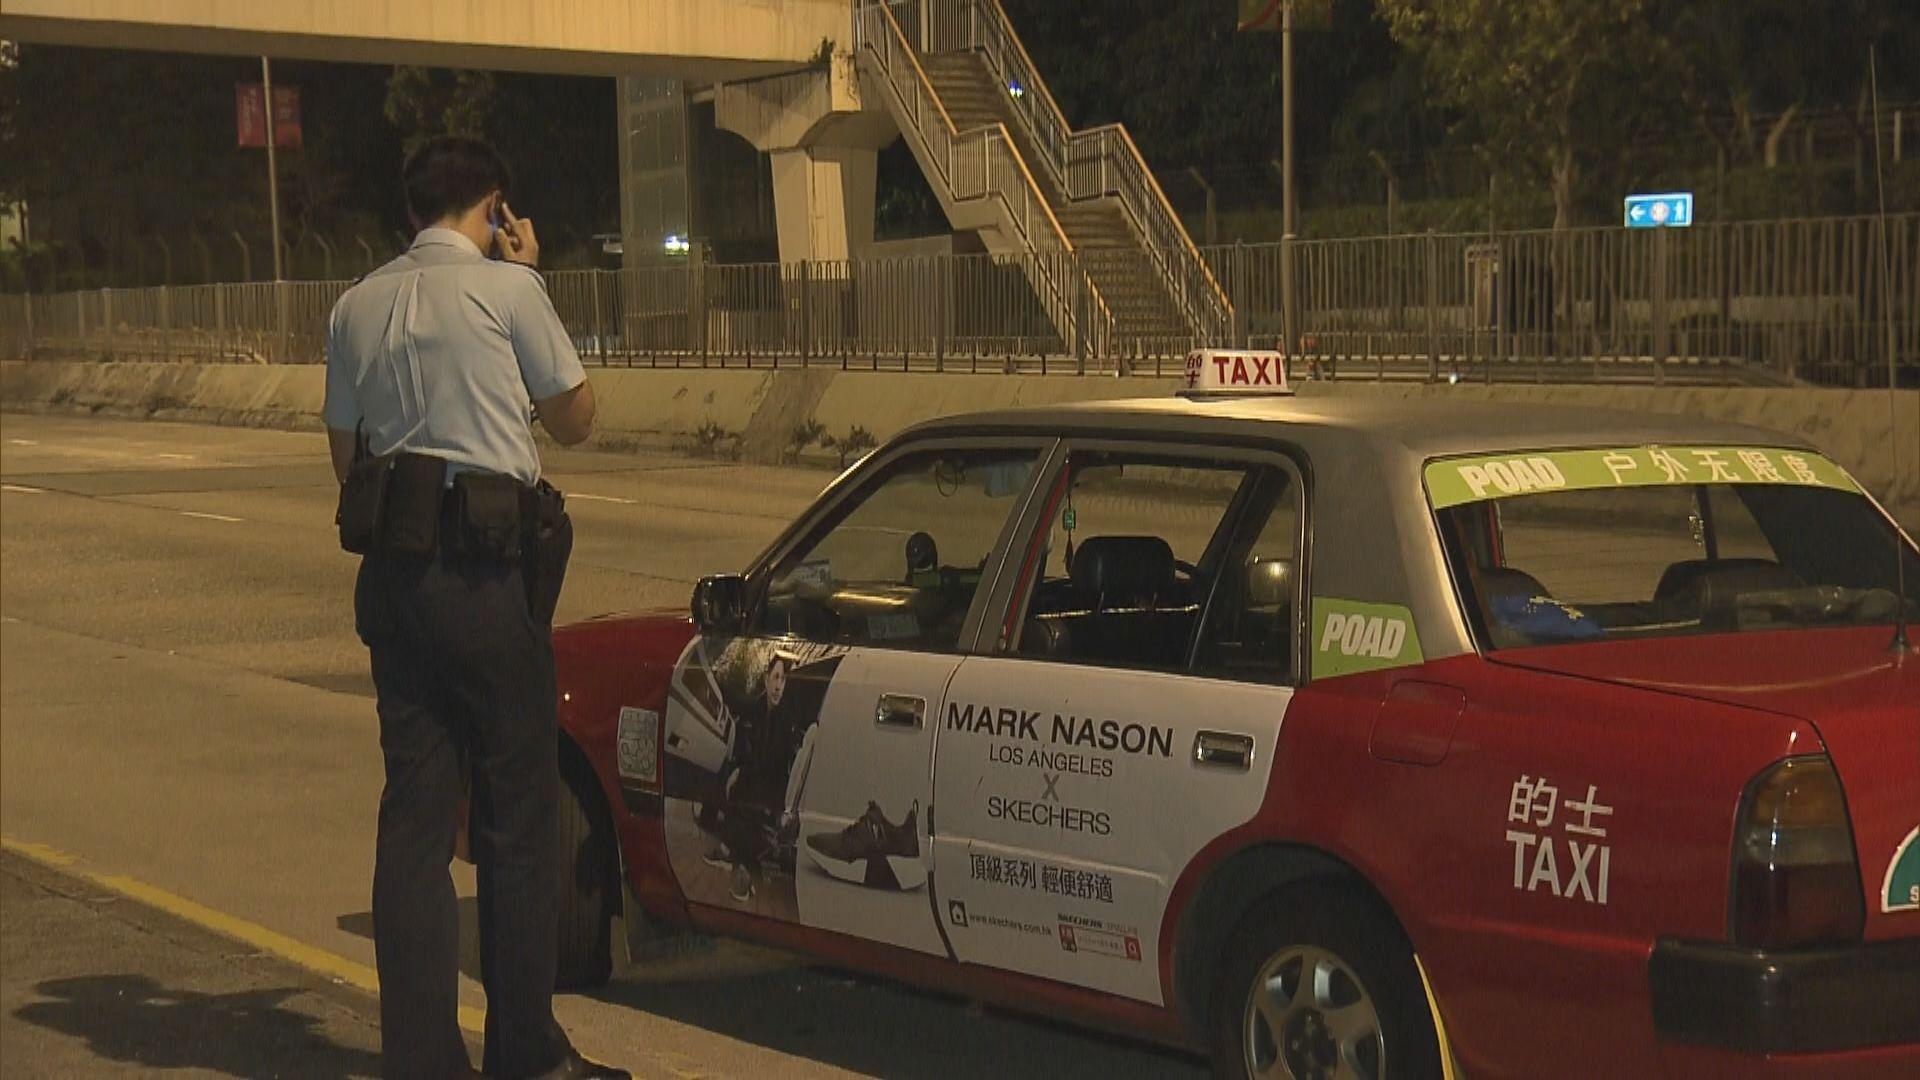 九龍塘的士遭私家車截停兩男乘客被斬傷